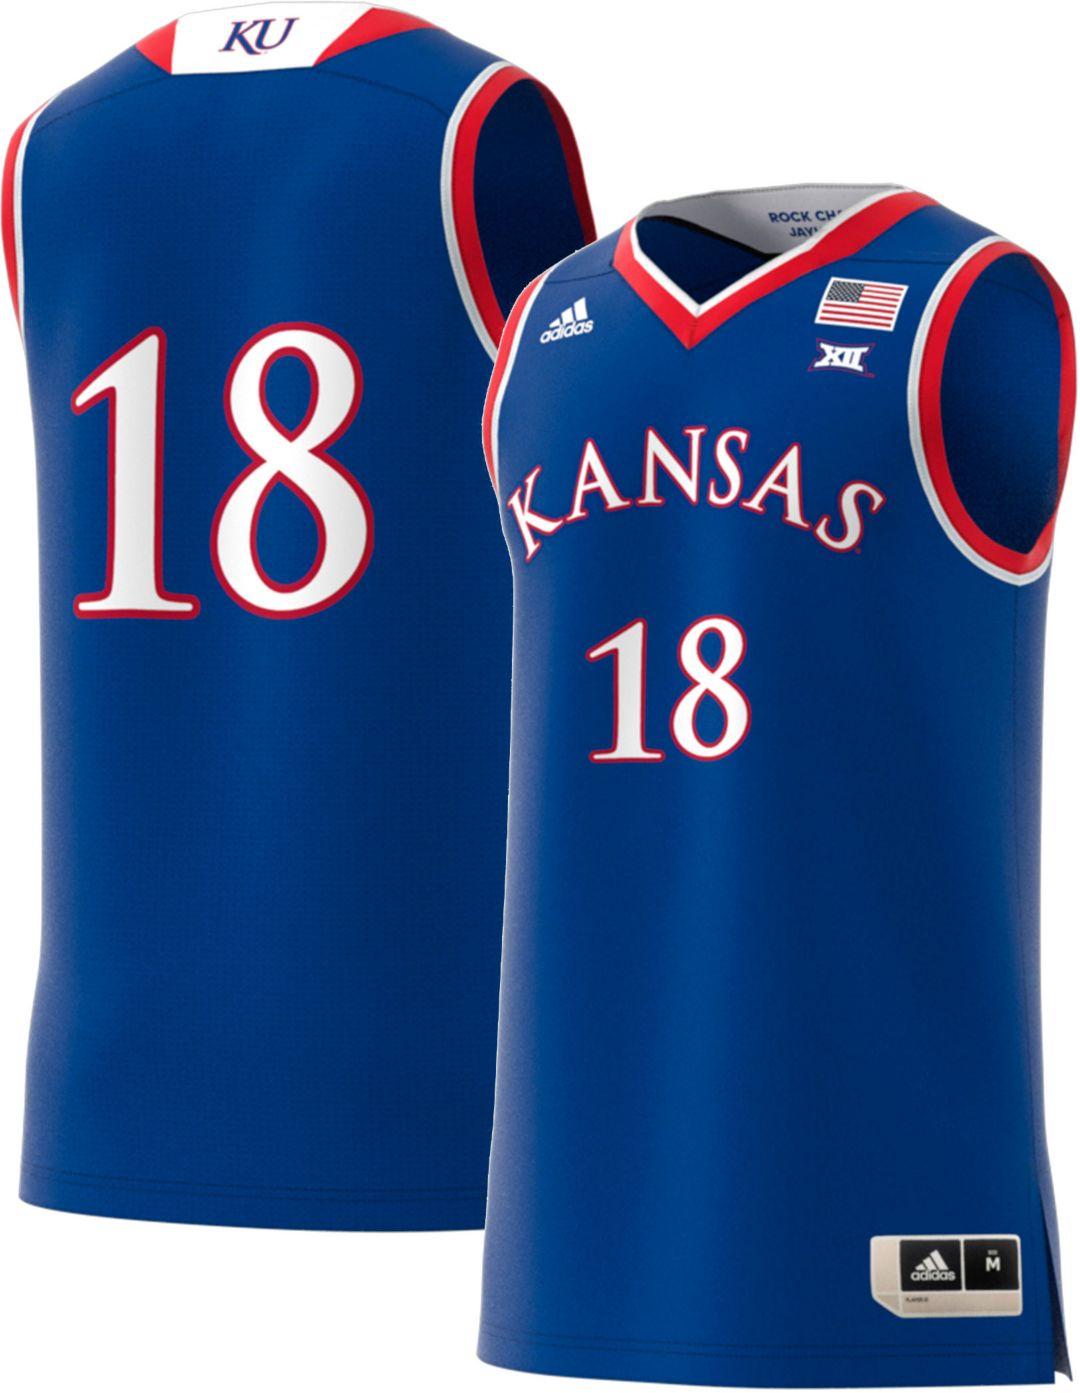 851ba9e12d810 Top 10 Punto Medio Noticias | Kansas University Basketball Jerseys